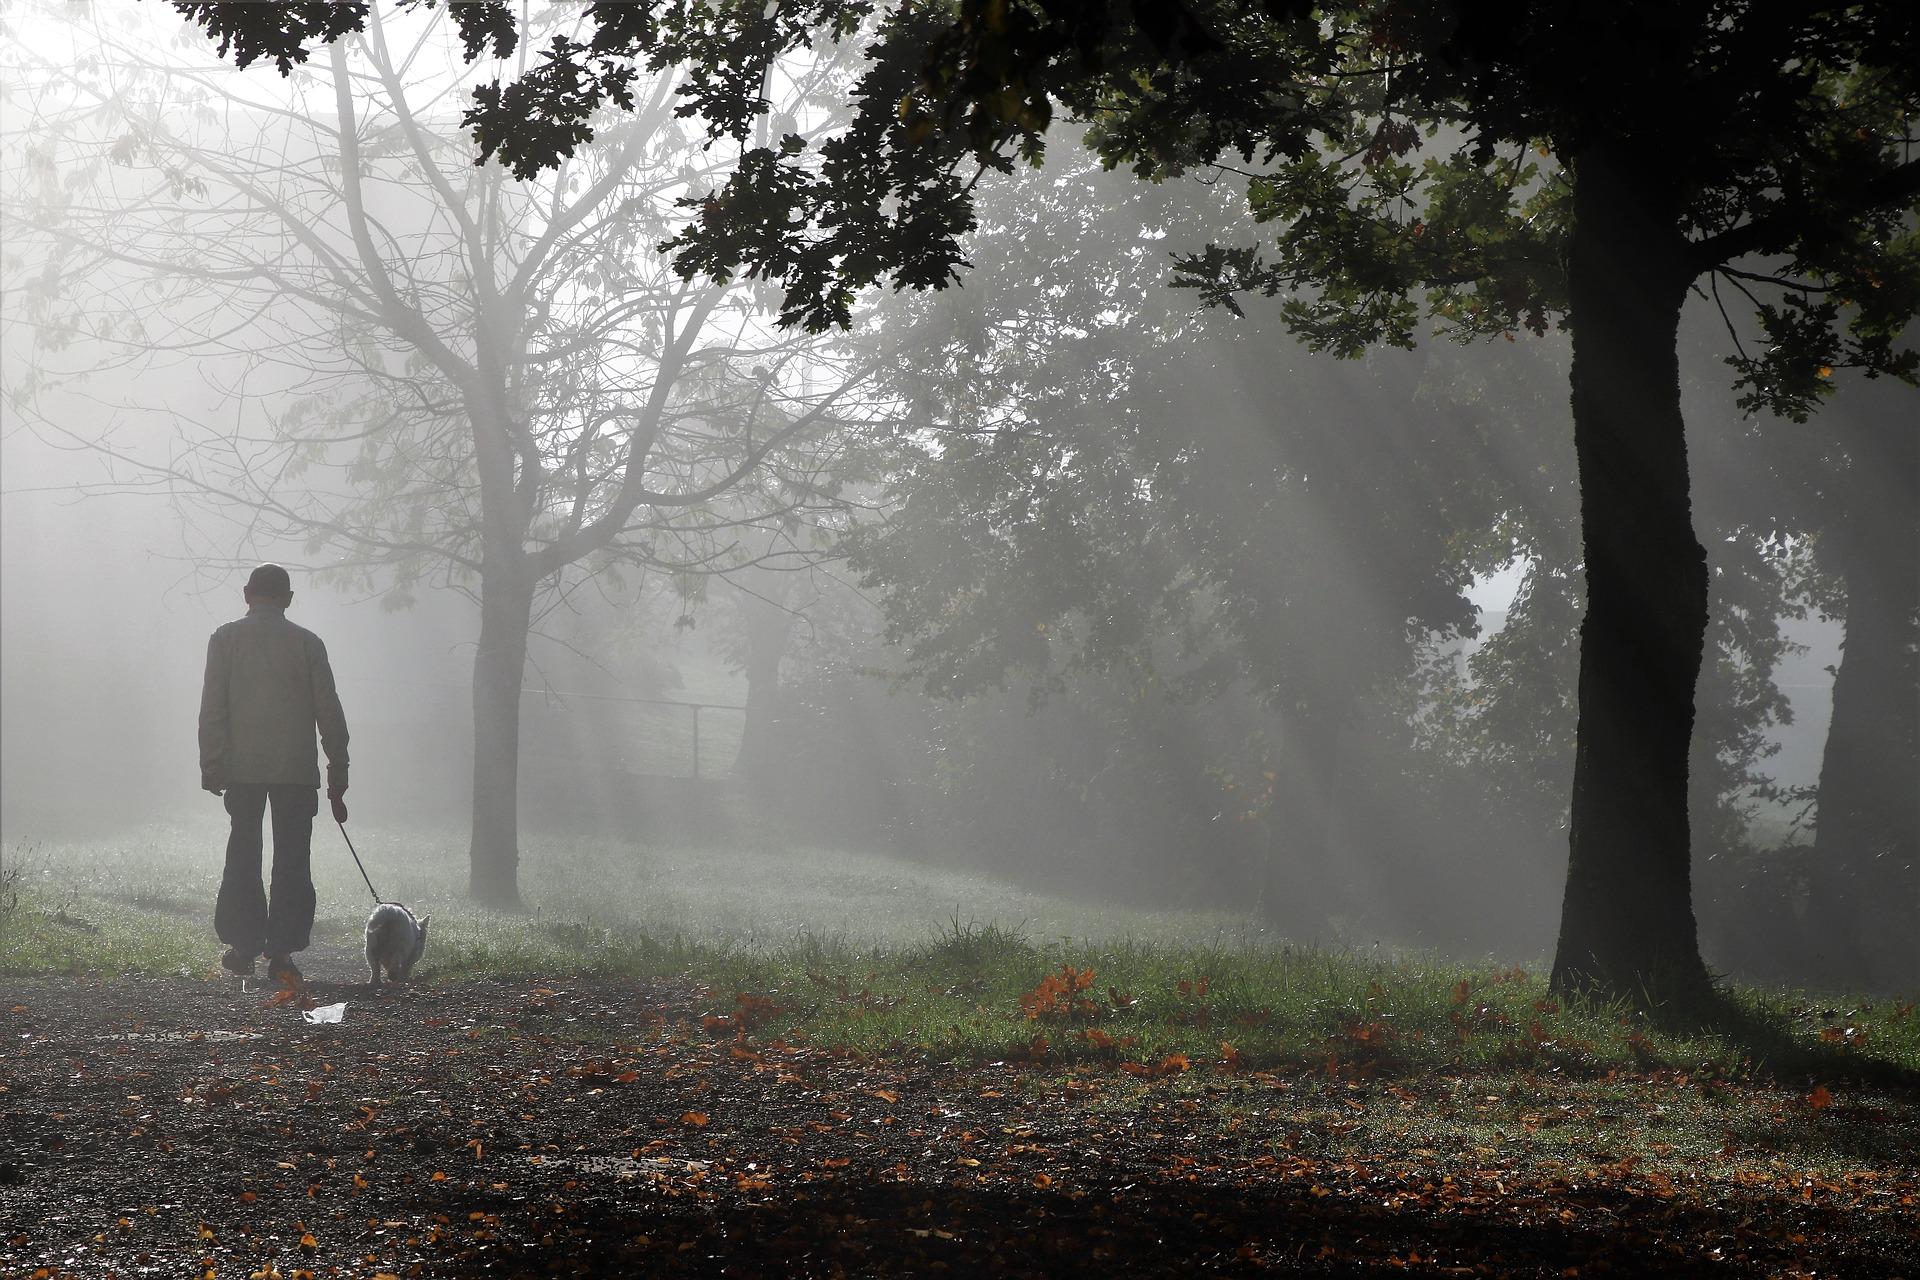 A man walking a dog on a leash through a foggy forest